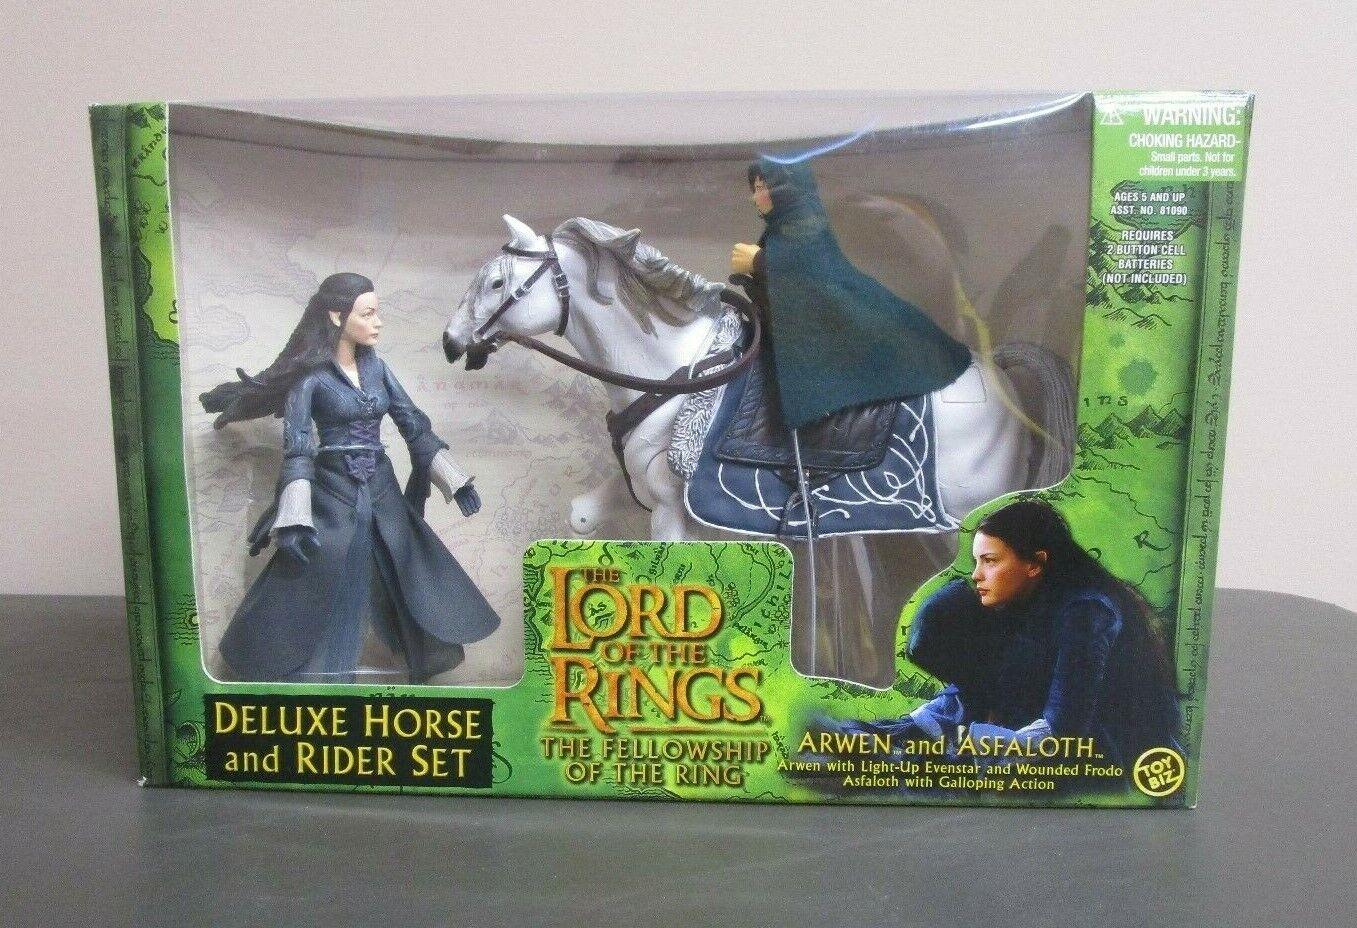 Arwen e  Asfaloth Deluxe Rider Set LORD OF THE RINGS FOTR MIB GV  negozio all'ingrosso